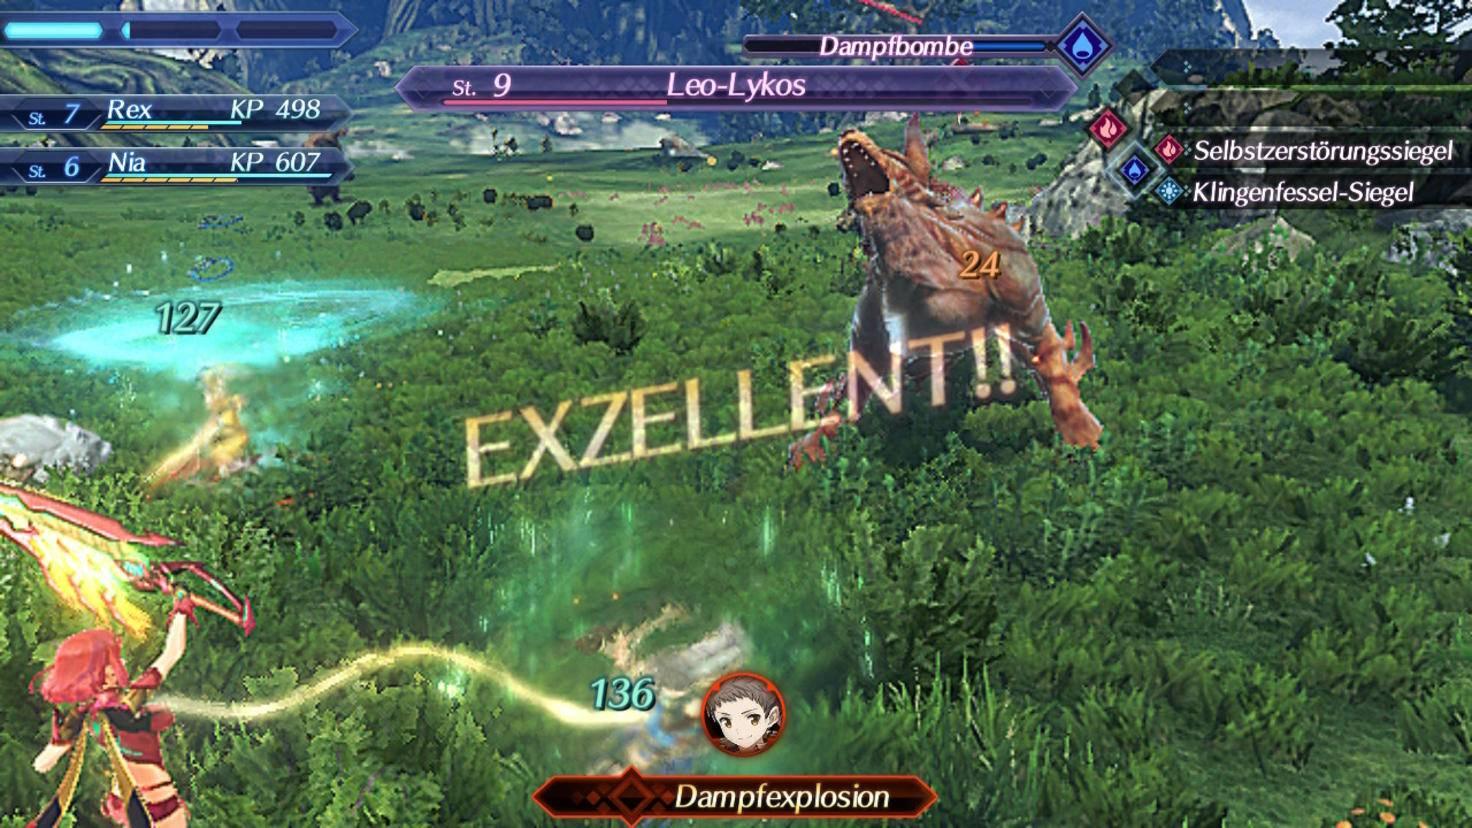 """Ein tadellos ausgeführter Klingenangriff wird in """"Xenoblade Chronicles 2"""" belohnt und gelobt."""